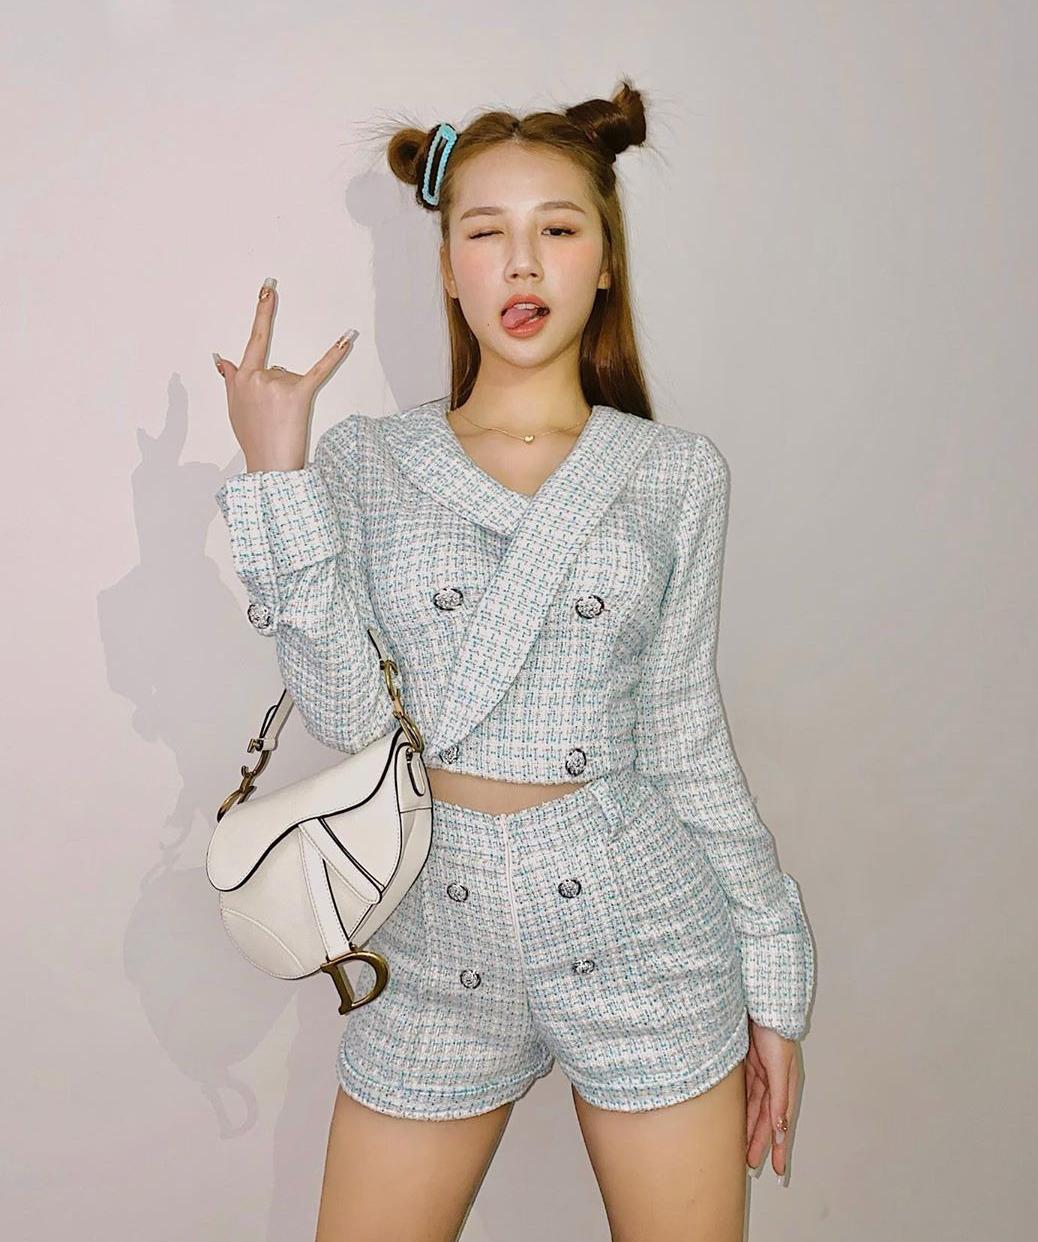 Bản sao Jennie có cả bộ sưu tập trang phục vải tweed, giúp cô nàng định hình phong cách quý tộc nhưng vẫn có nét gợi cảm, cá tính.